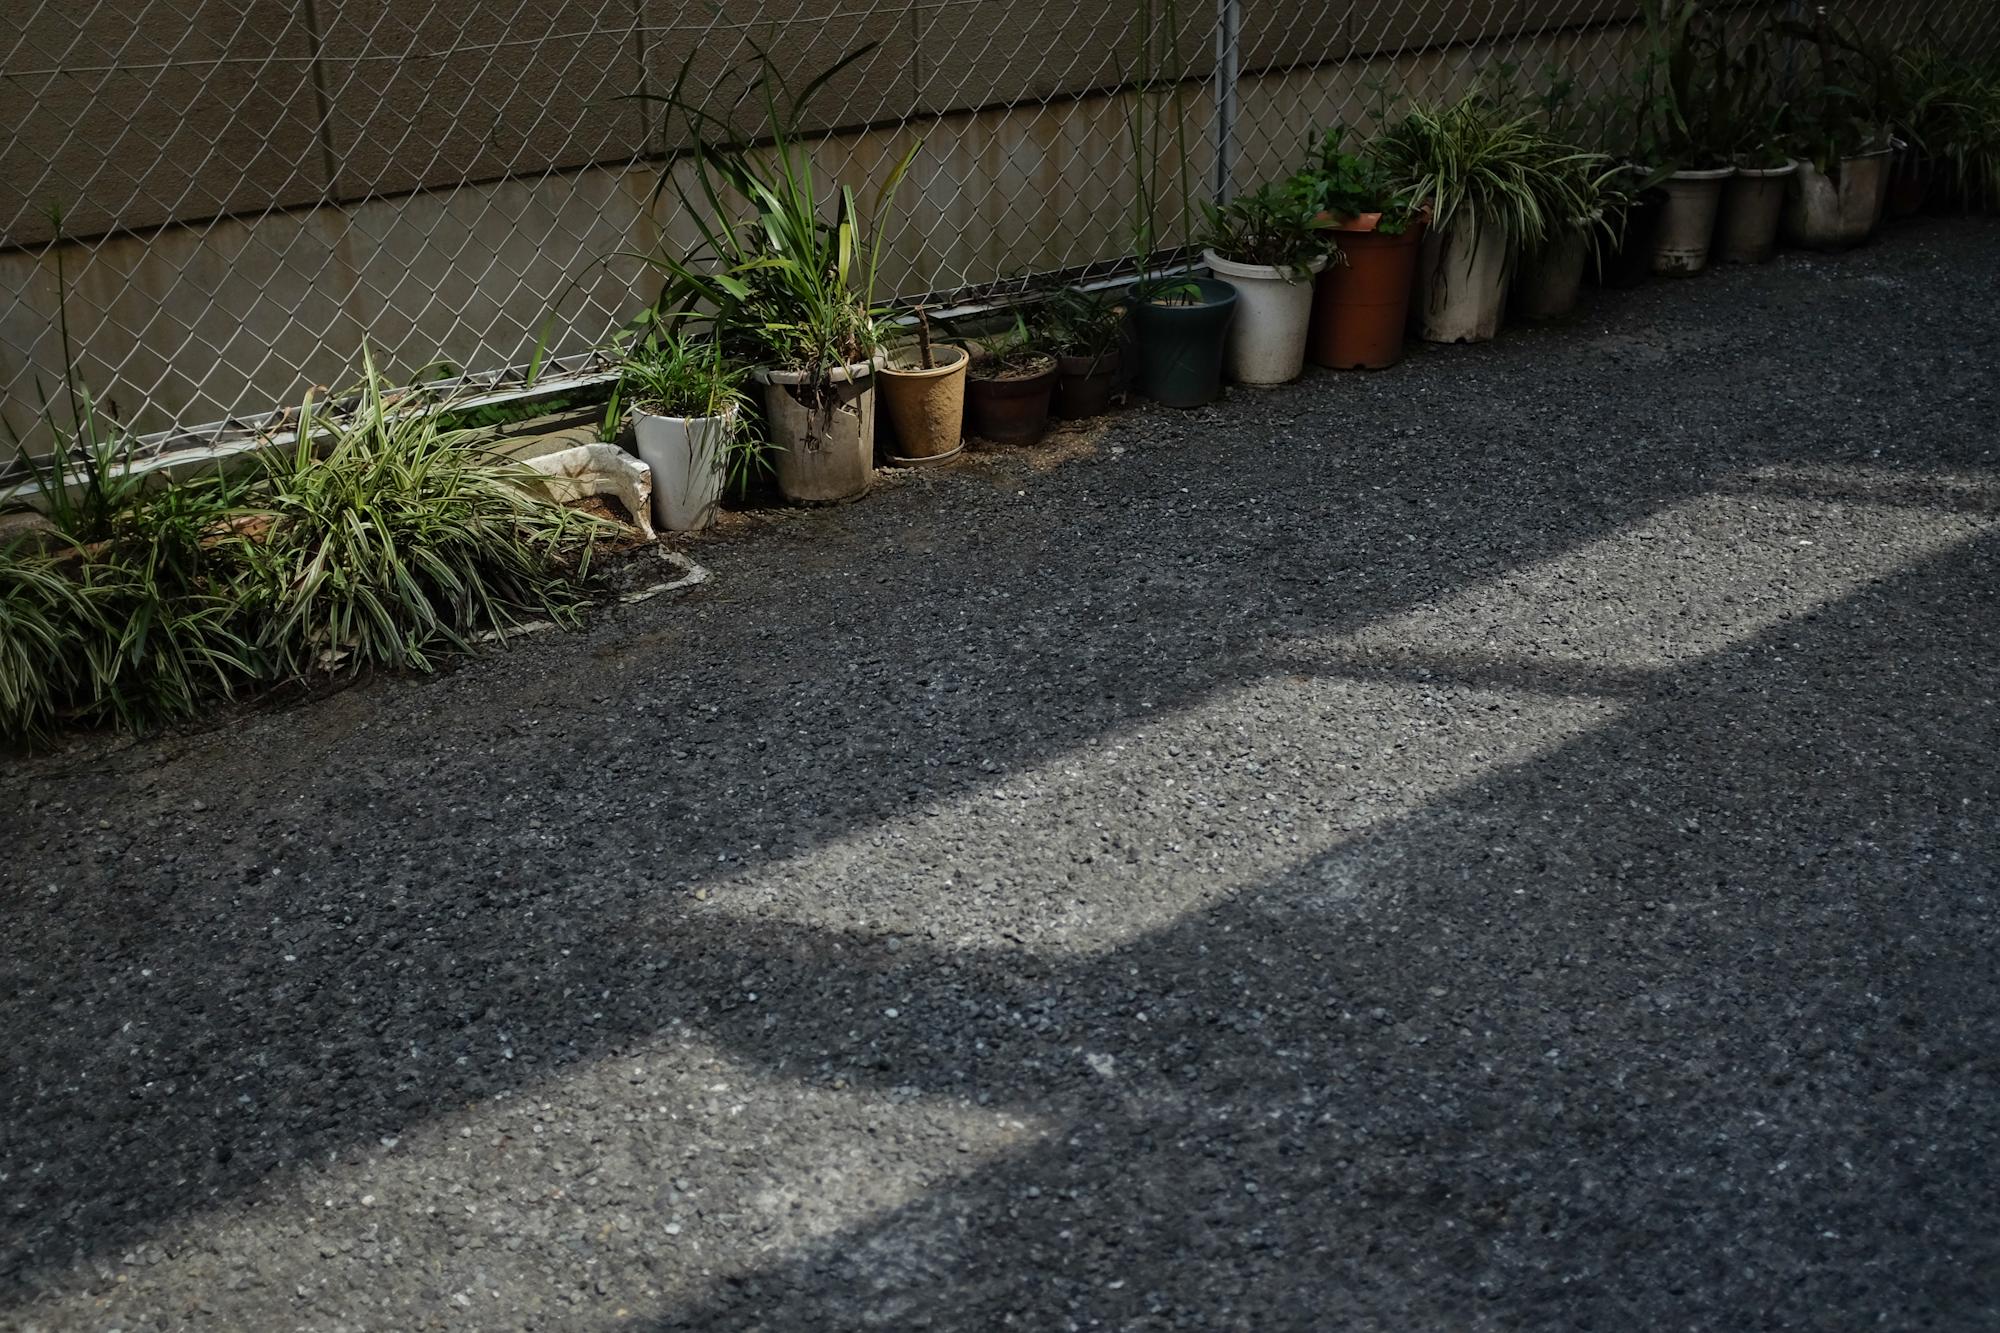 Tokyostreetgardens-3132.jpg